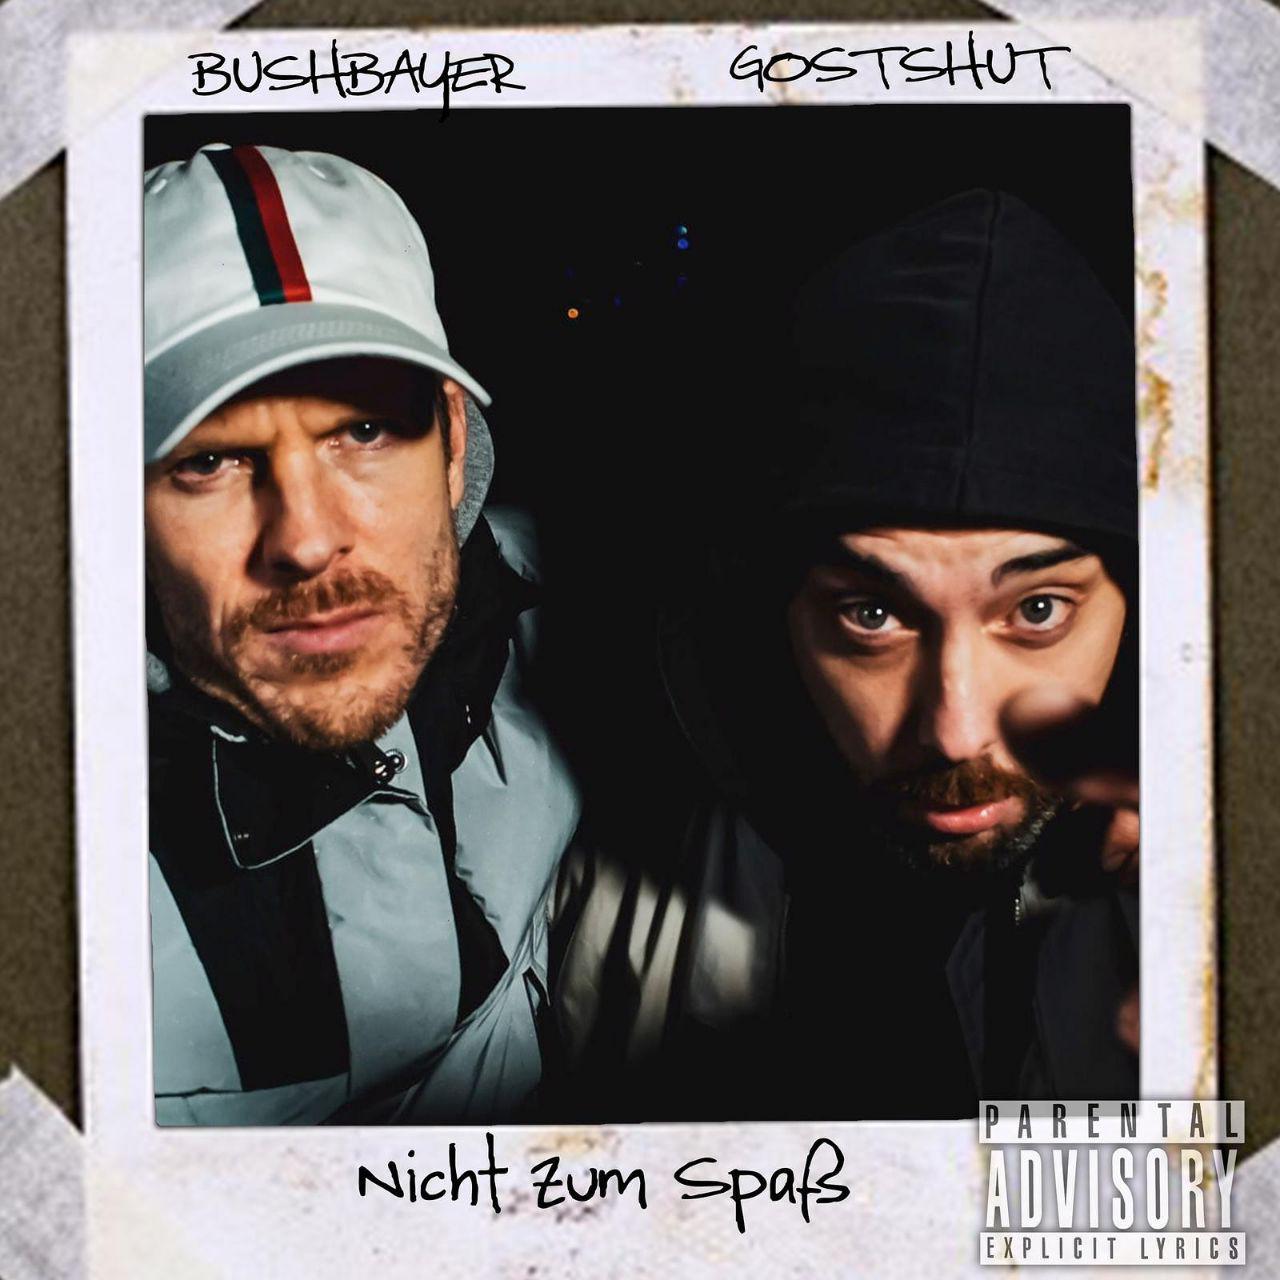 Upcoming: Bushbayer - Nicht Zum Spaß - Feat. GostShut